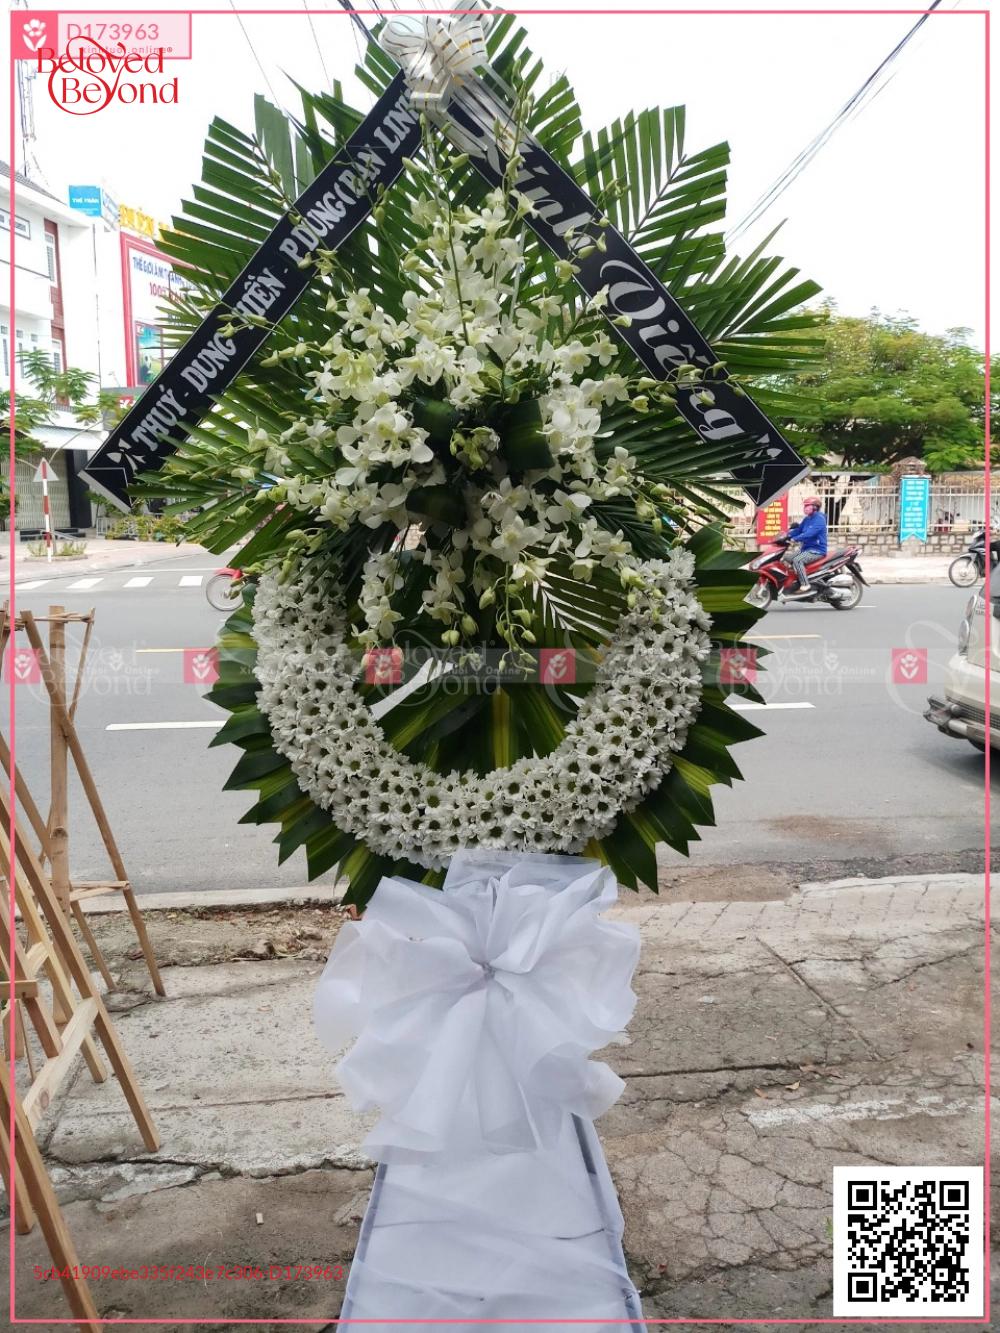 Yên nghỉ - D173963 - xinhtuoi.online